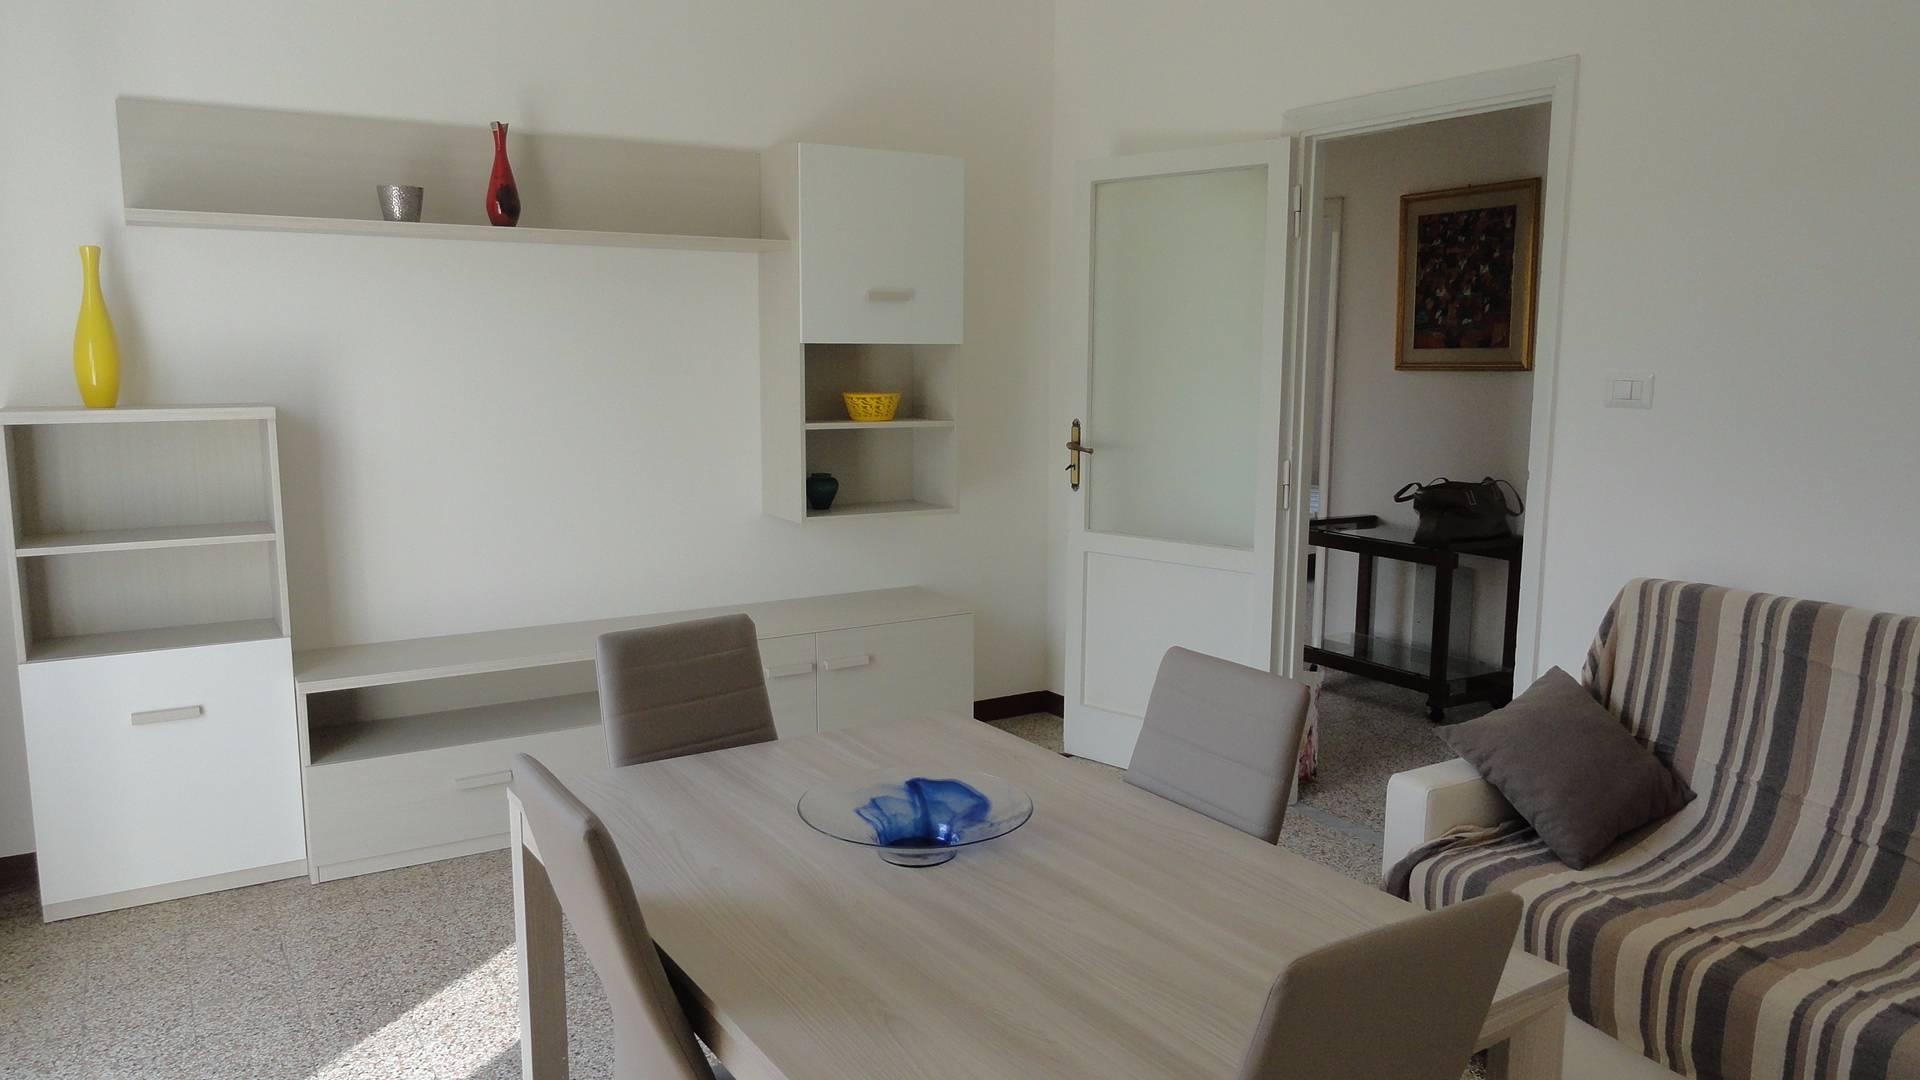 Appartamento in affitto a Teramo, 4 locali, zona Zona: Centro , prezzo € 450 | CambioCasa.it